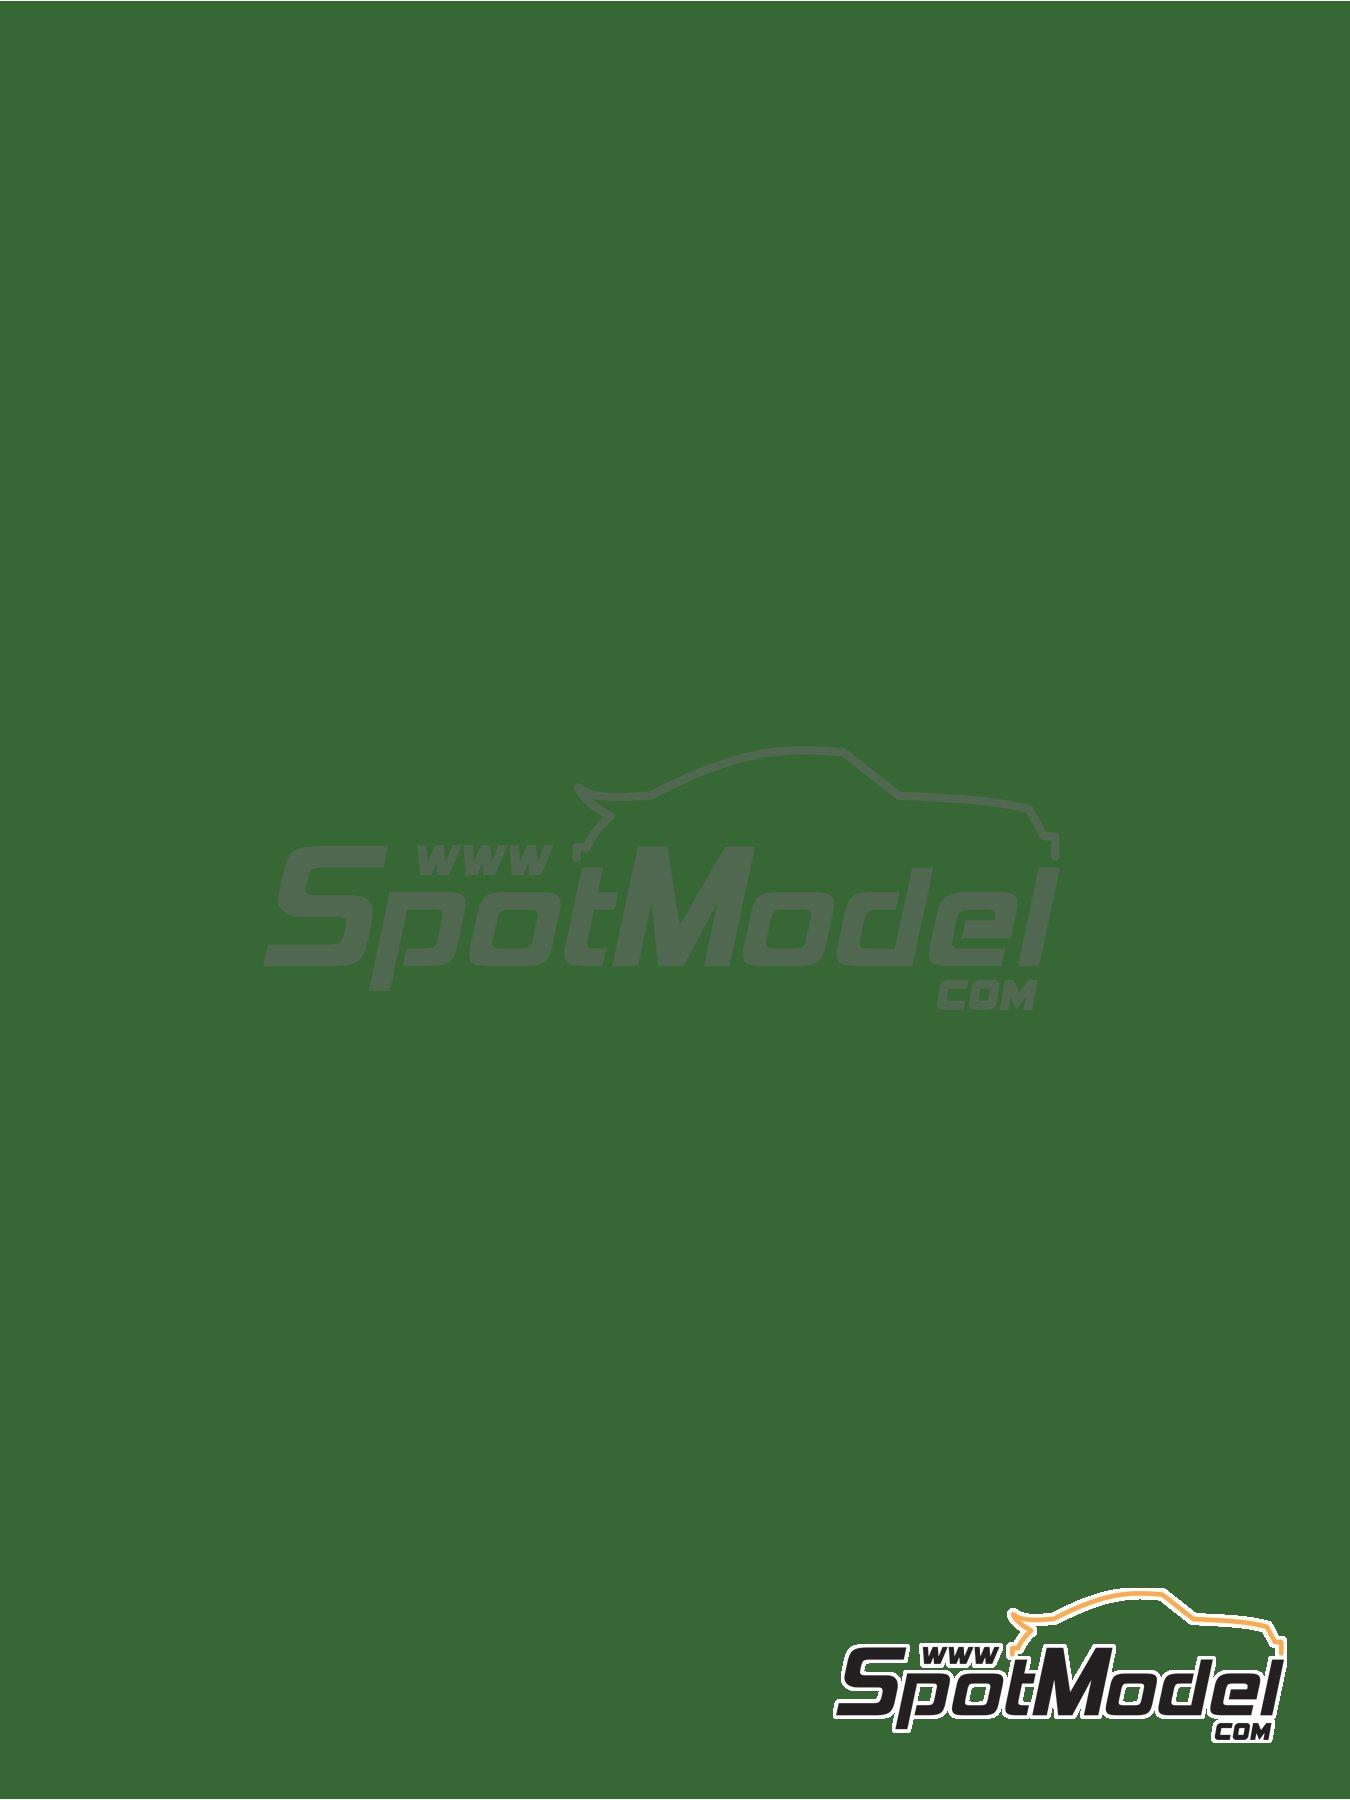 Verde esmeralda - RAL6001 - Emeraldgreen - 1 x 60ml | Pintura fabricado por Zero Paints (ref.ZP-1033-RAL6001) image